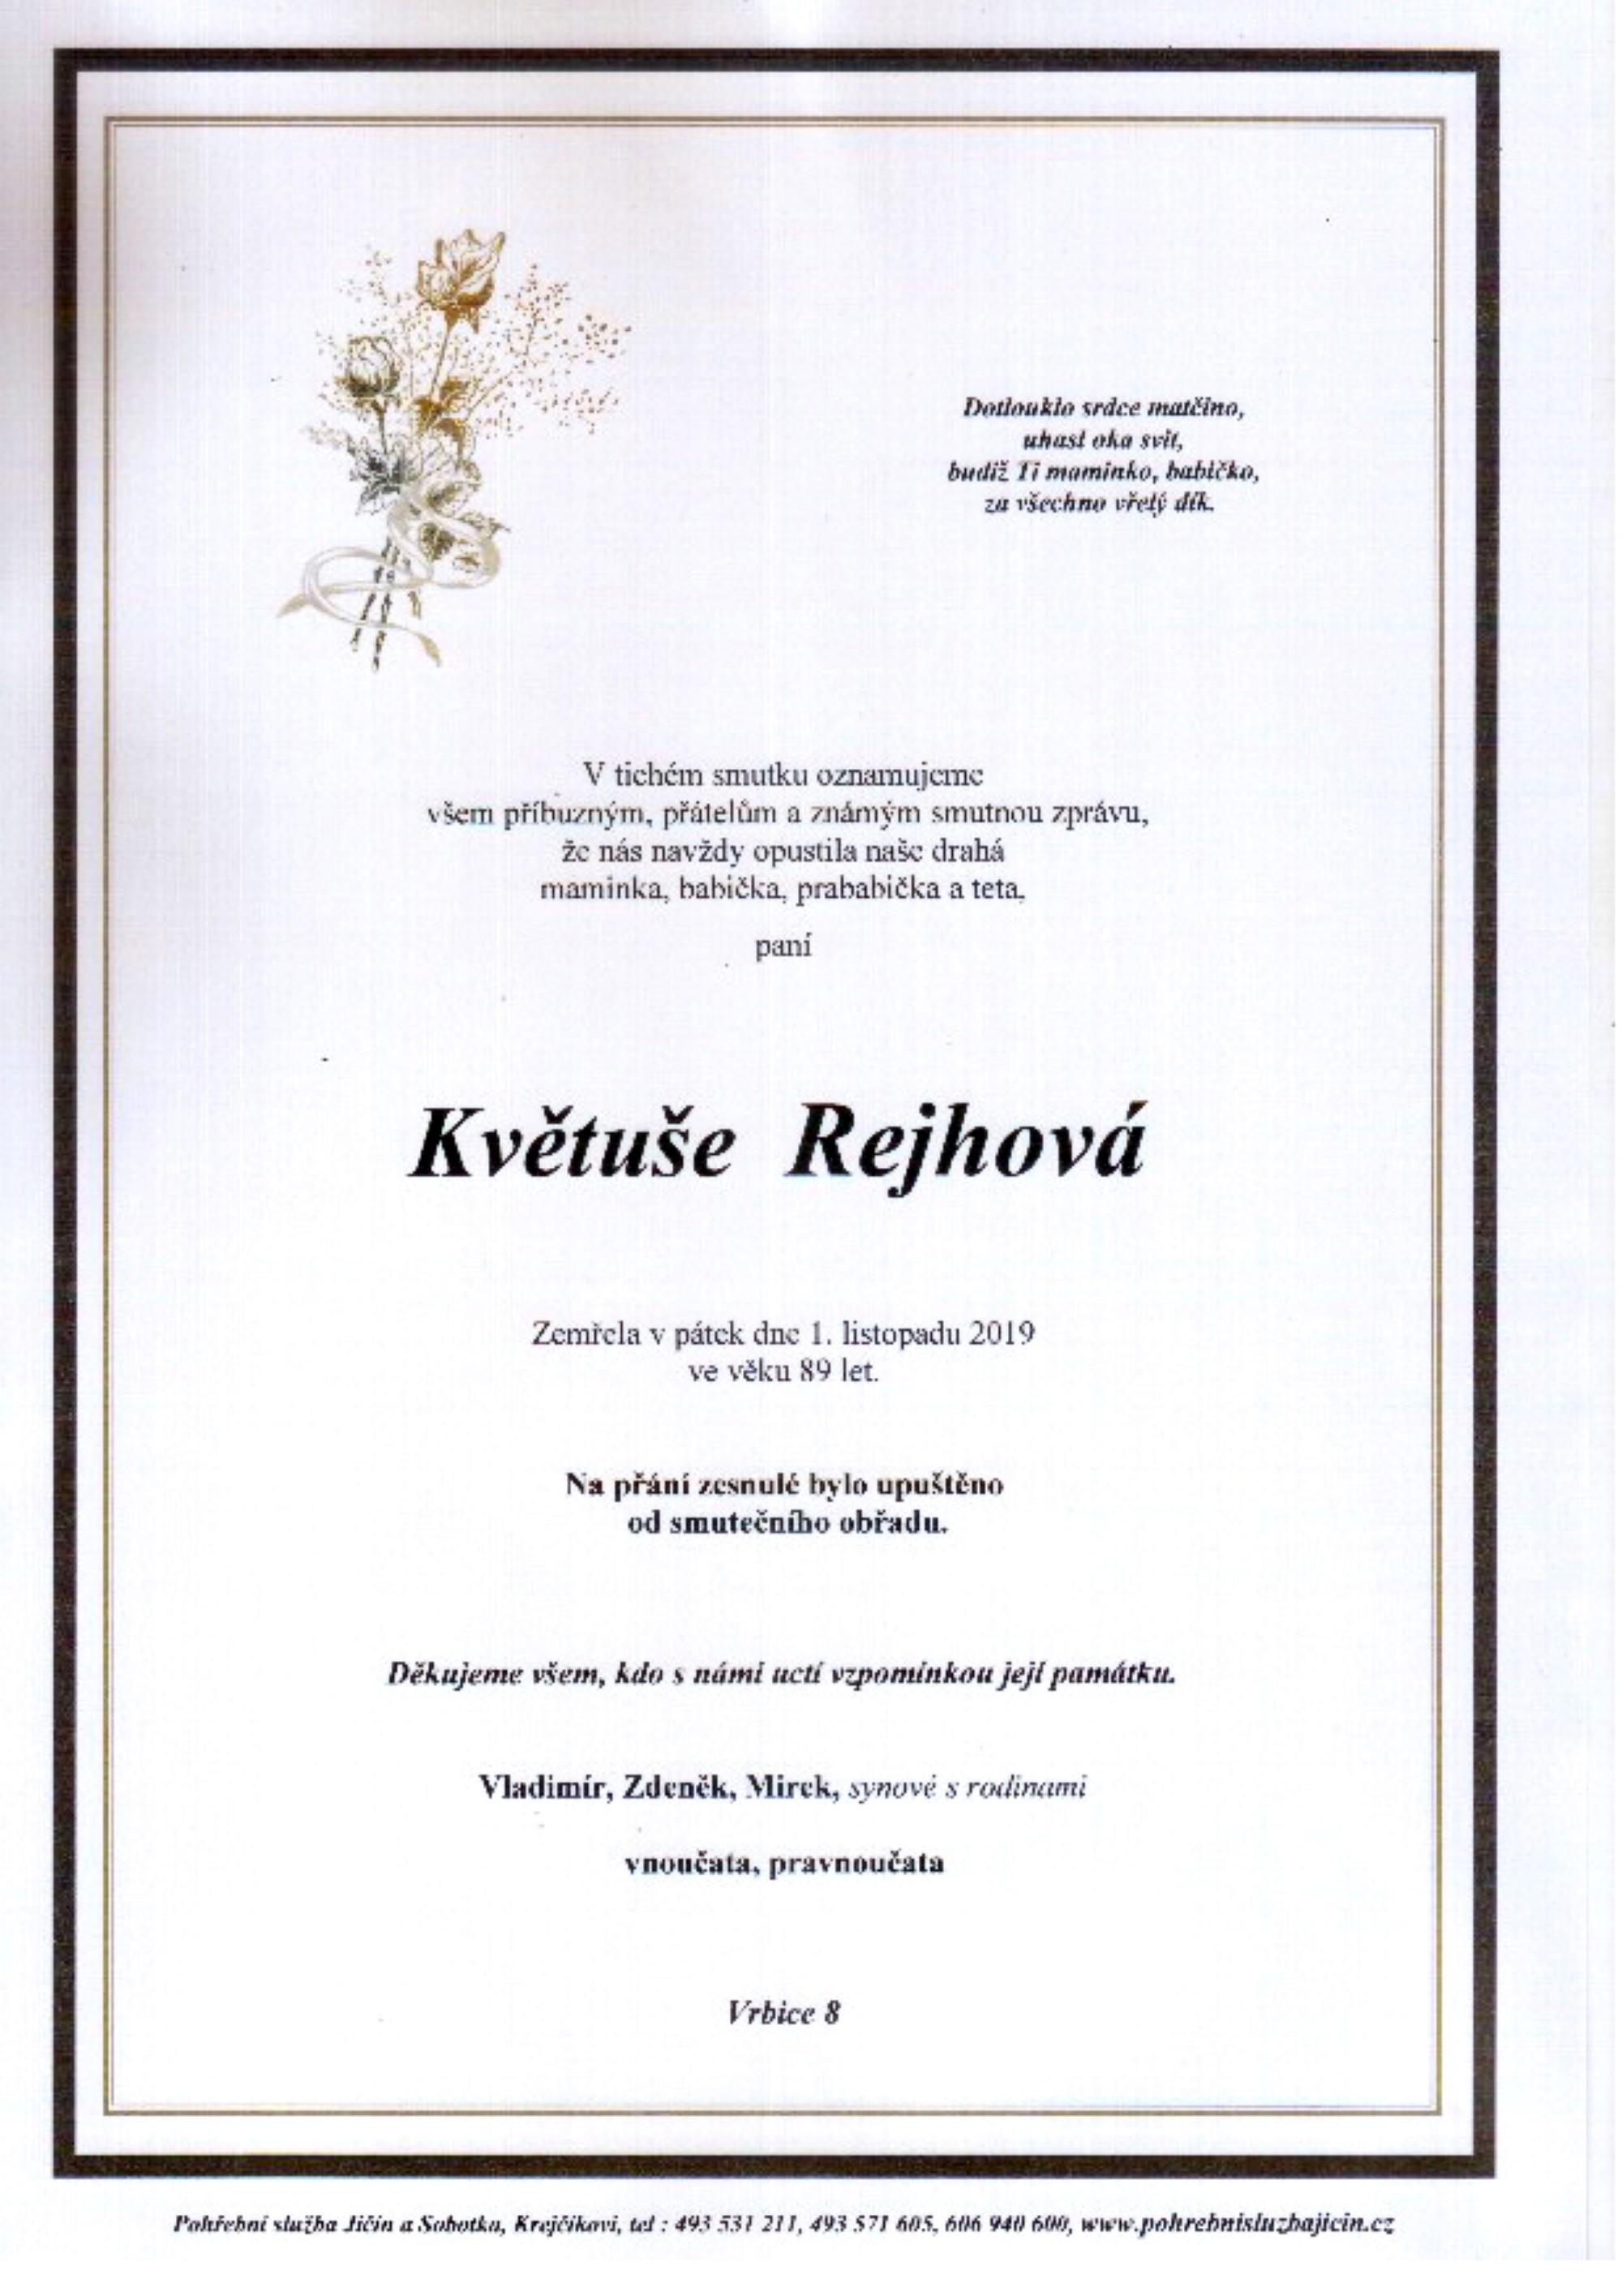 Květuše Rejhová